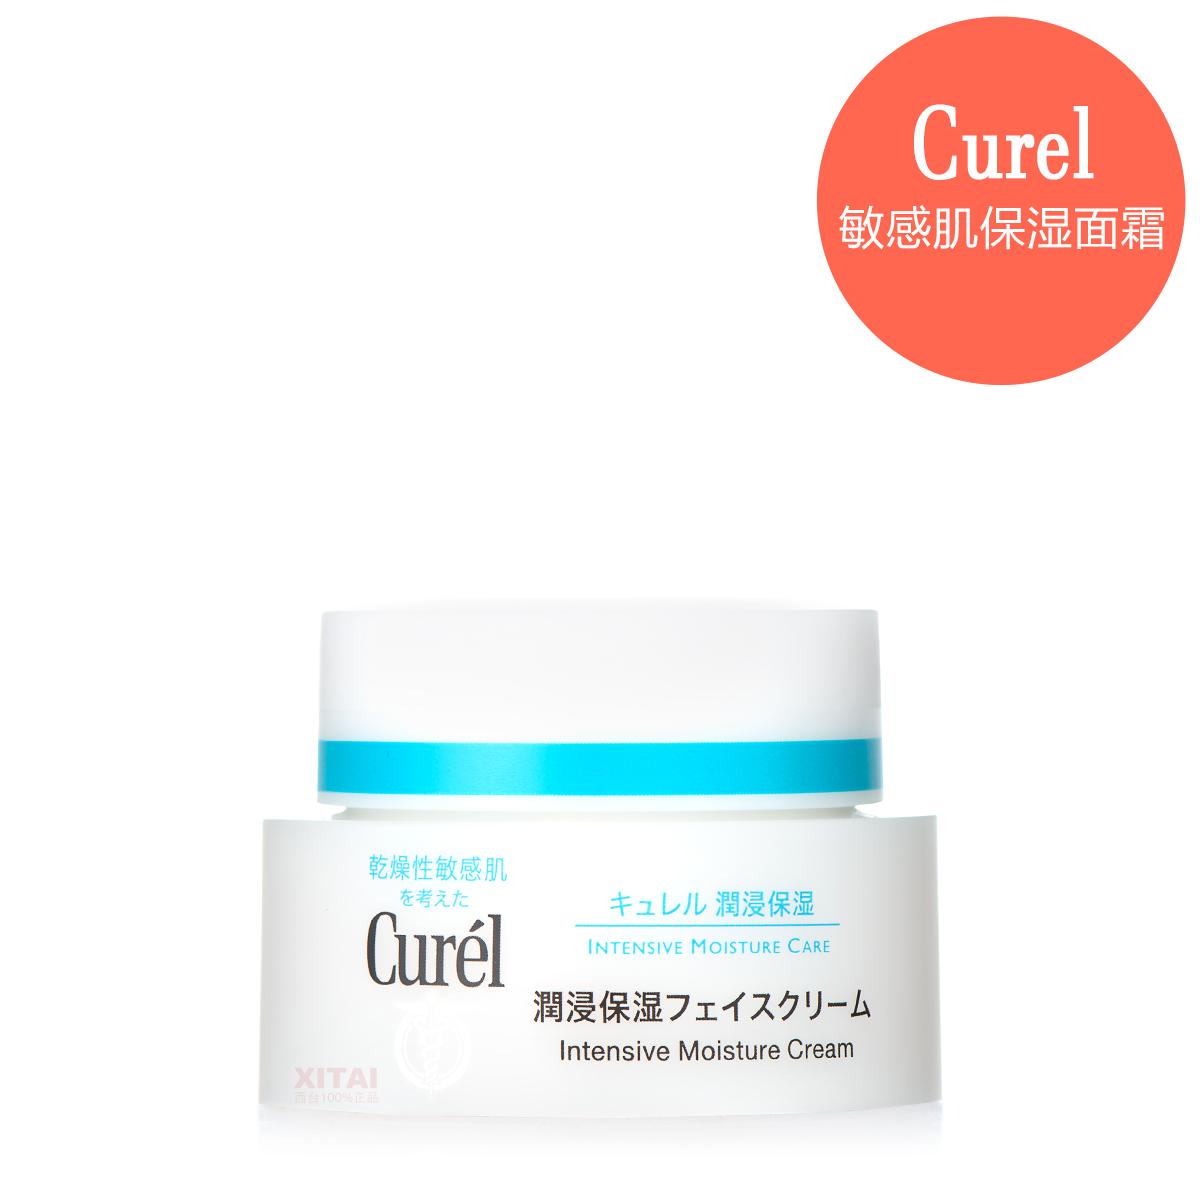 日本花王Curel珂润面霜 润浸保湿深层滋润干燥敏感肌�ㄠ�乳霜40g